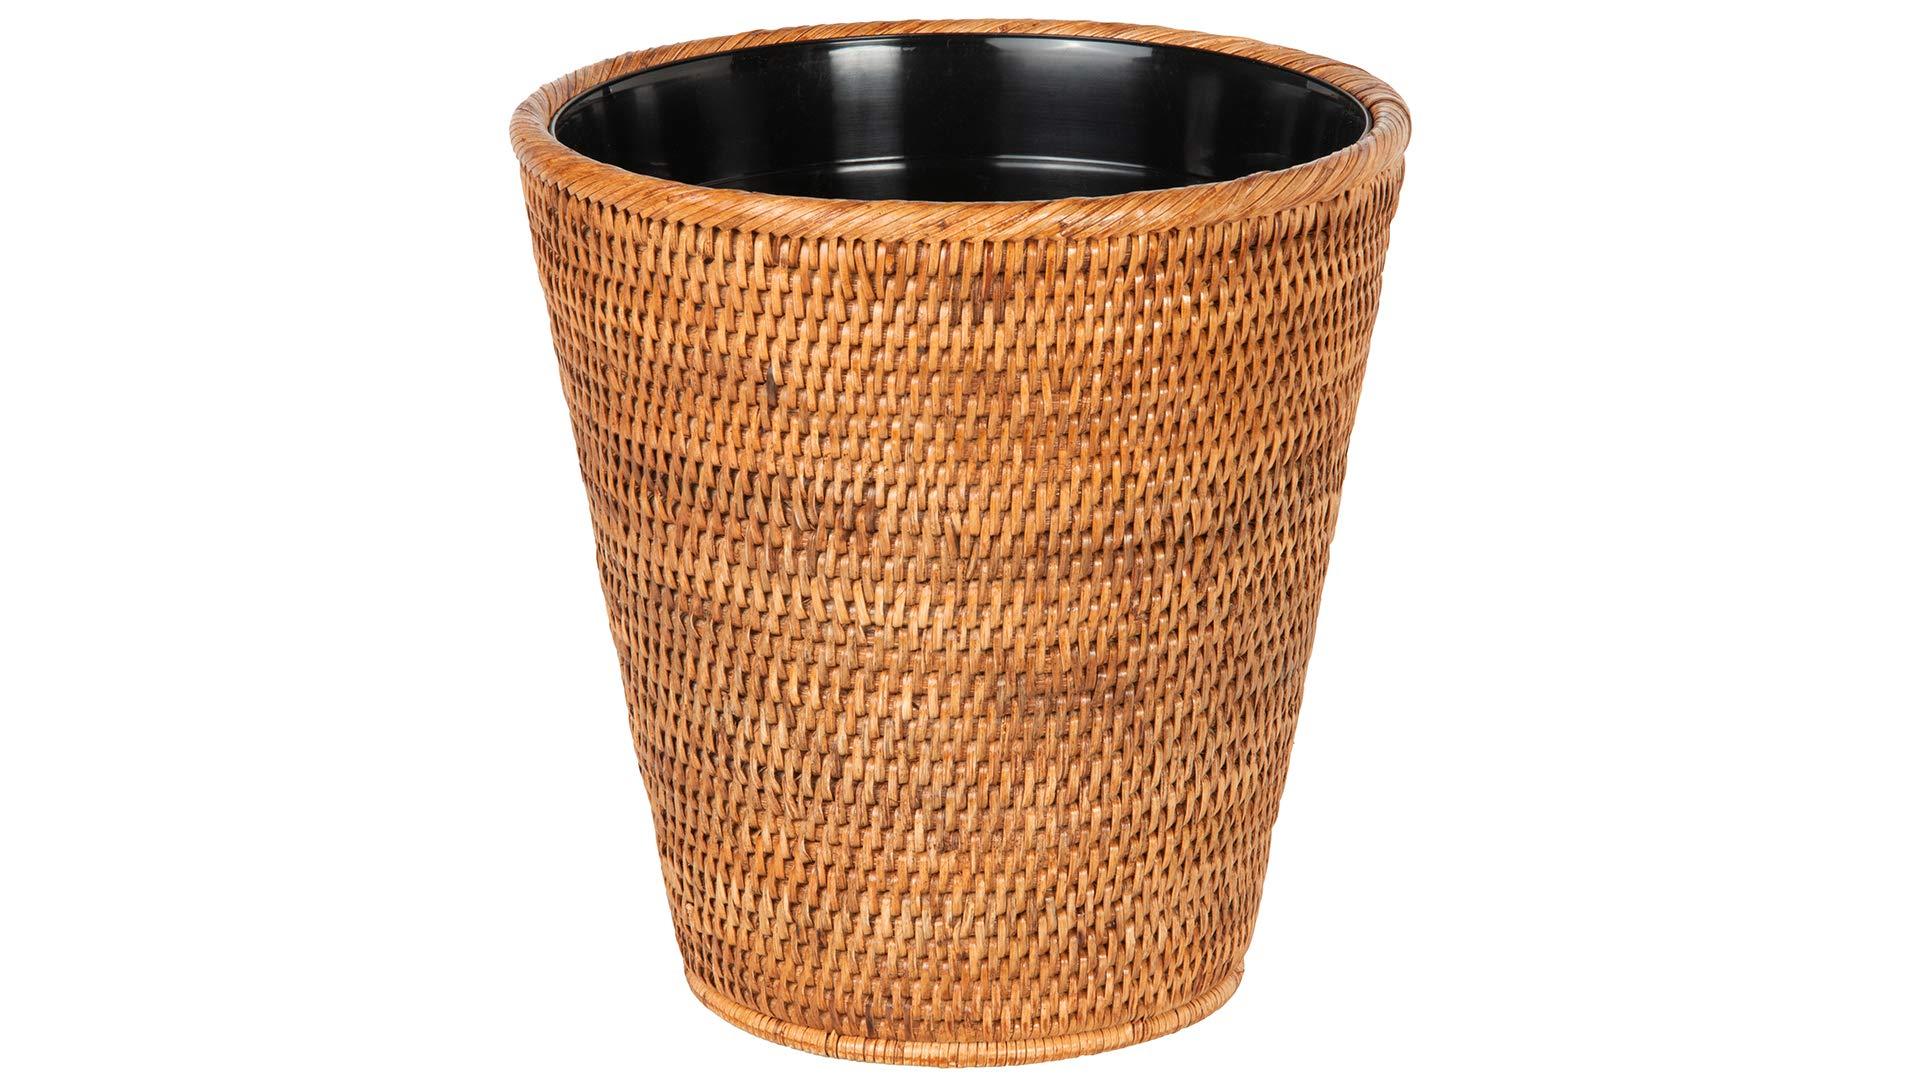 Kouboo La Jolla Rattan Plastic Insert, Honey-Brown Waste Basket by Kouboo